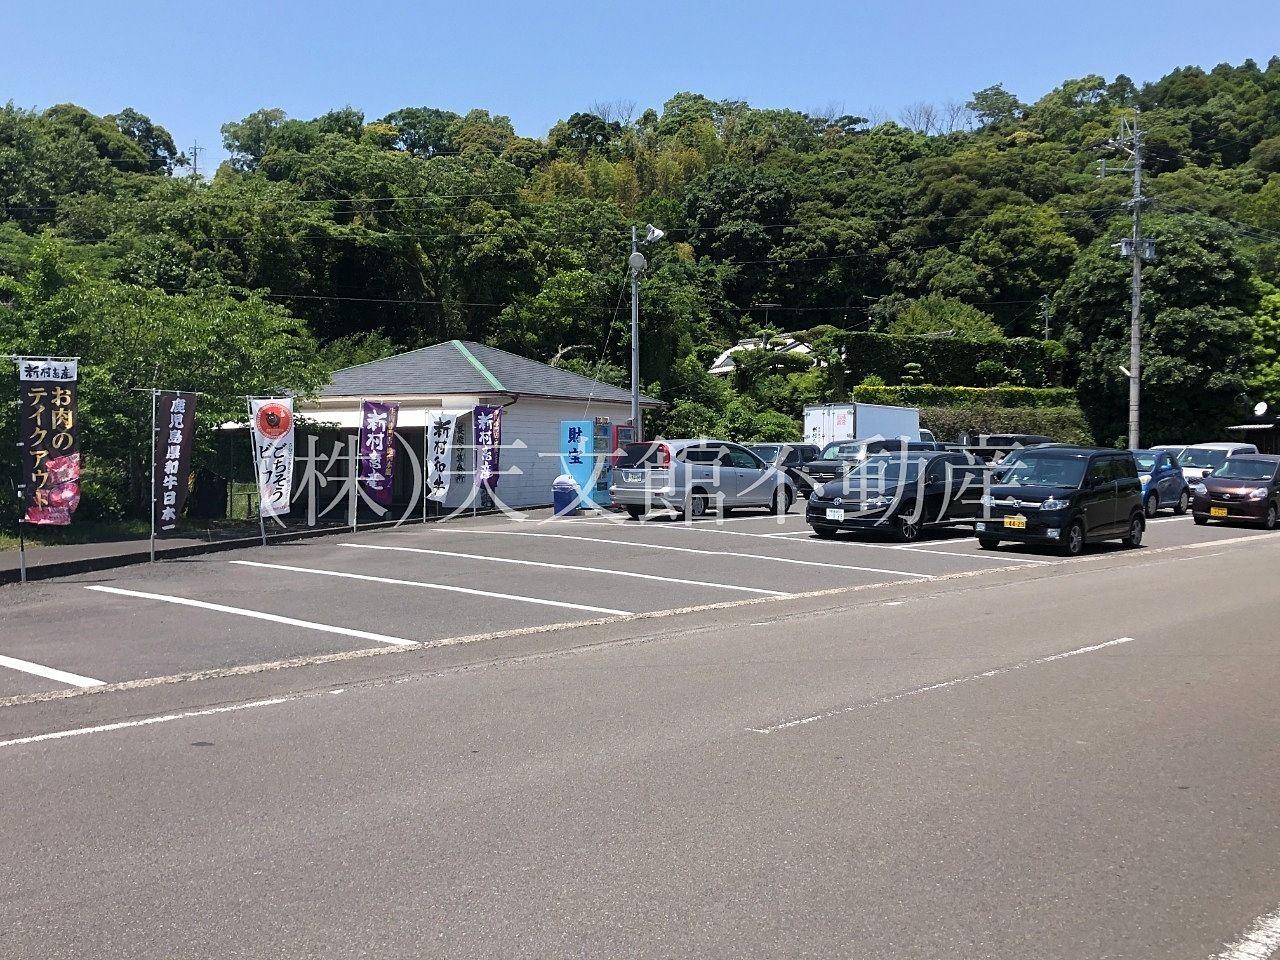 鹿児島県肝属郡の新村畜産は道路向かいにも駐車場があります。